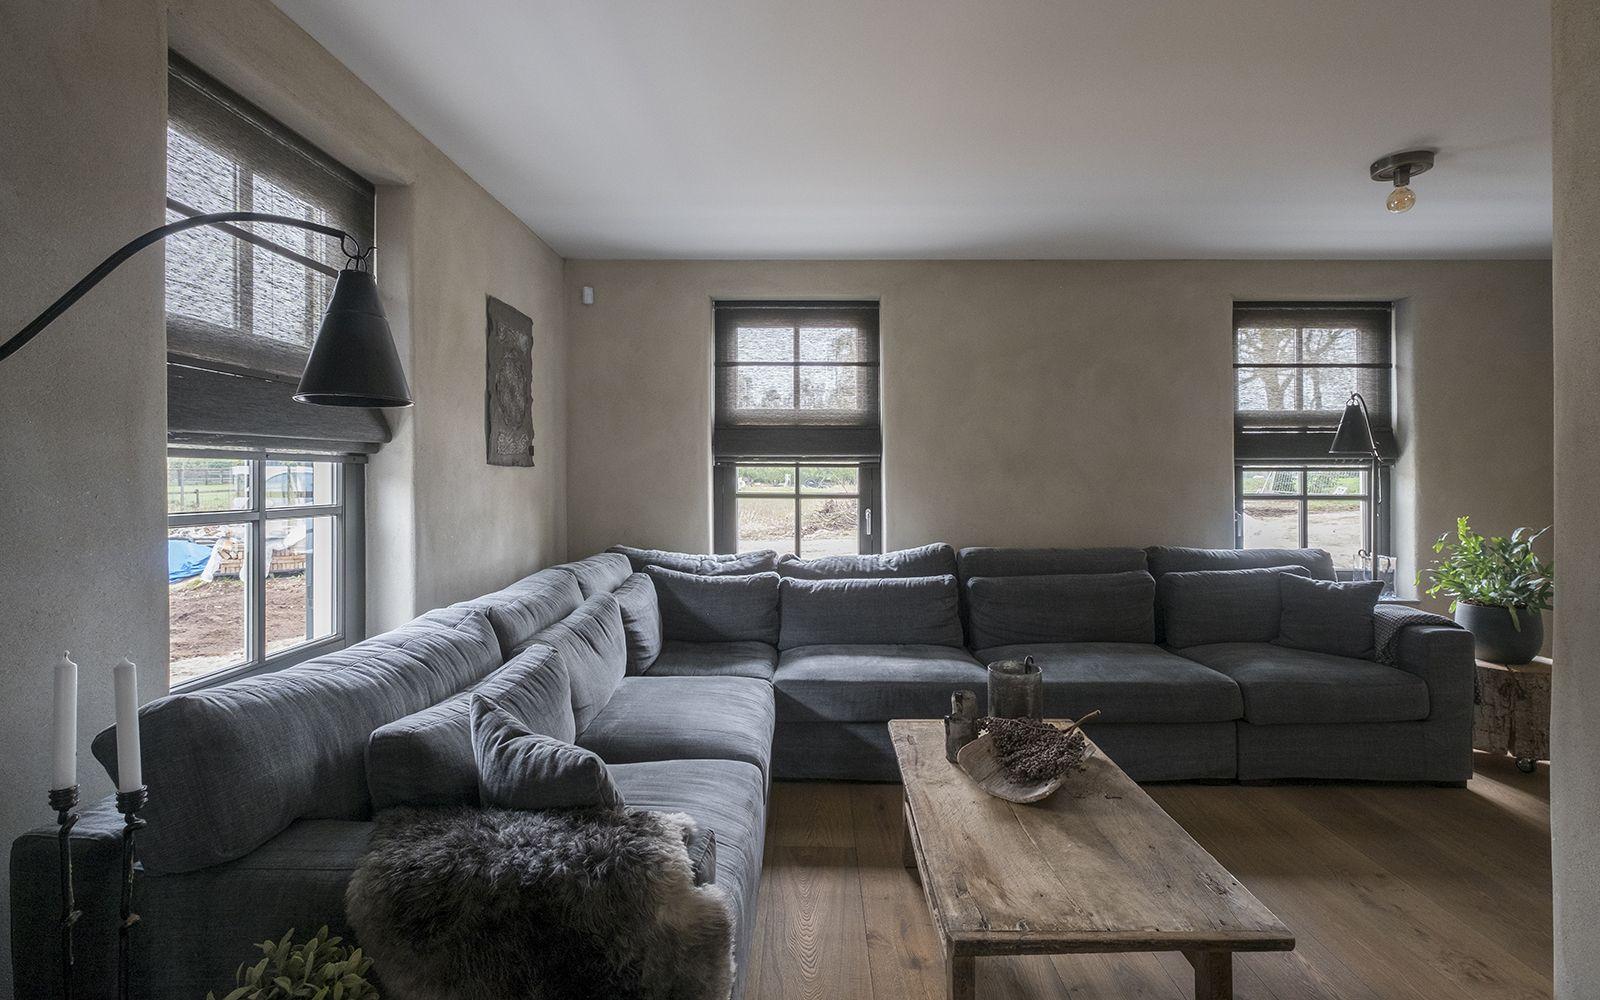 Binnenkijken In Landelijke Woning Met Jasno Folds Woonkamergordijnen Thuis Raamdecoratie